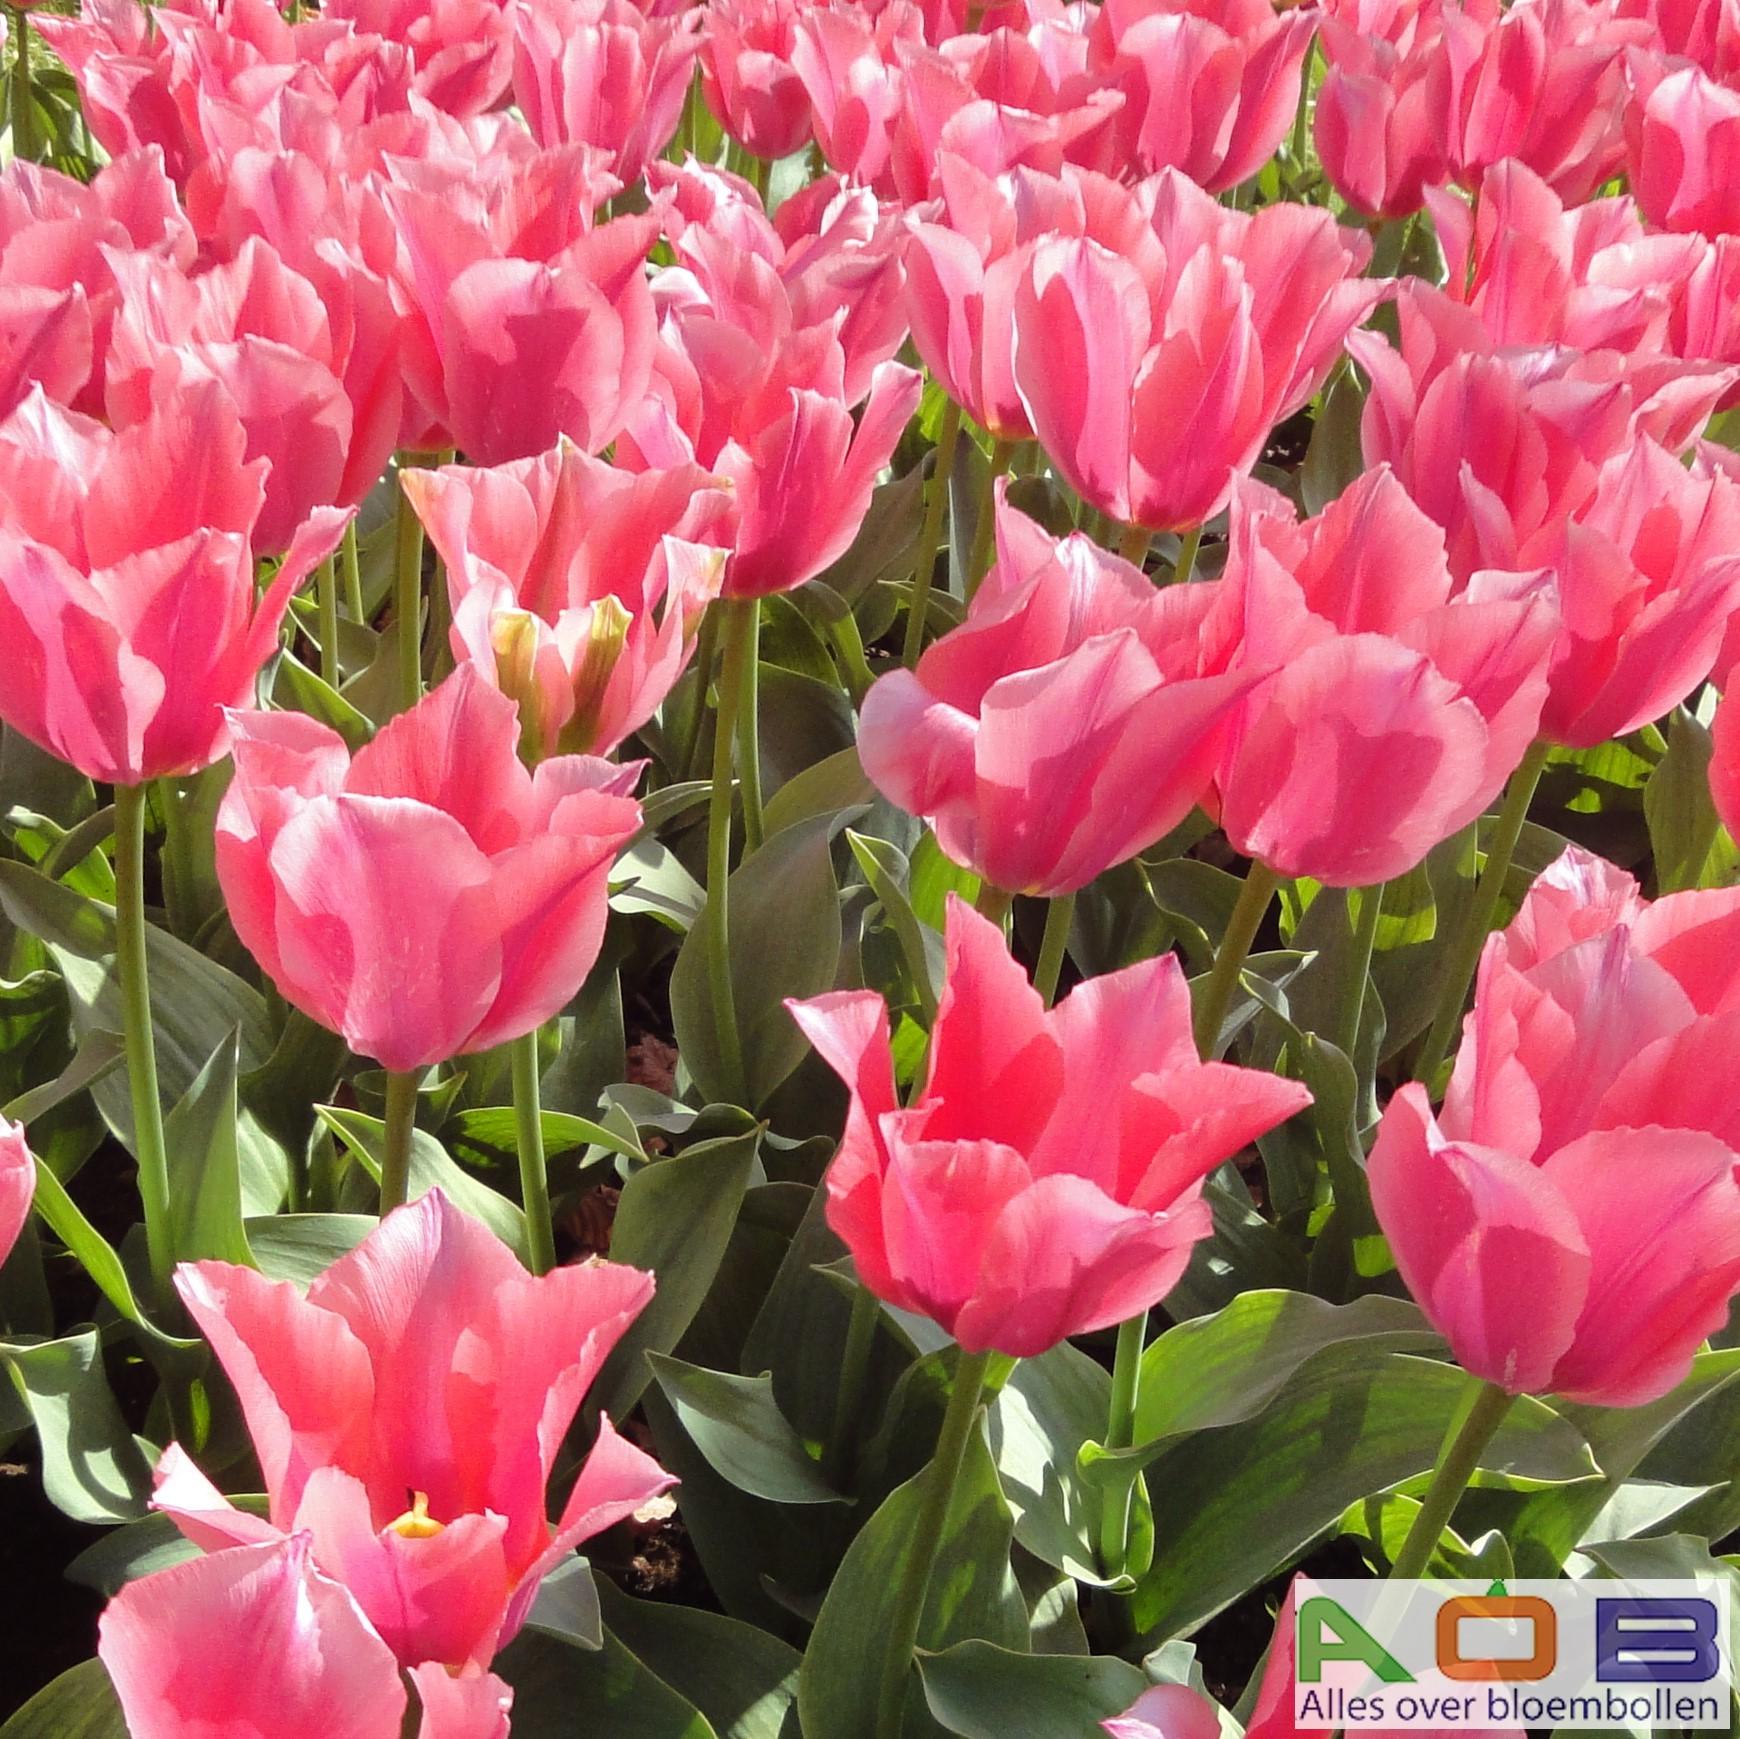 Tulipa fosteriana 'Albert Heijn'